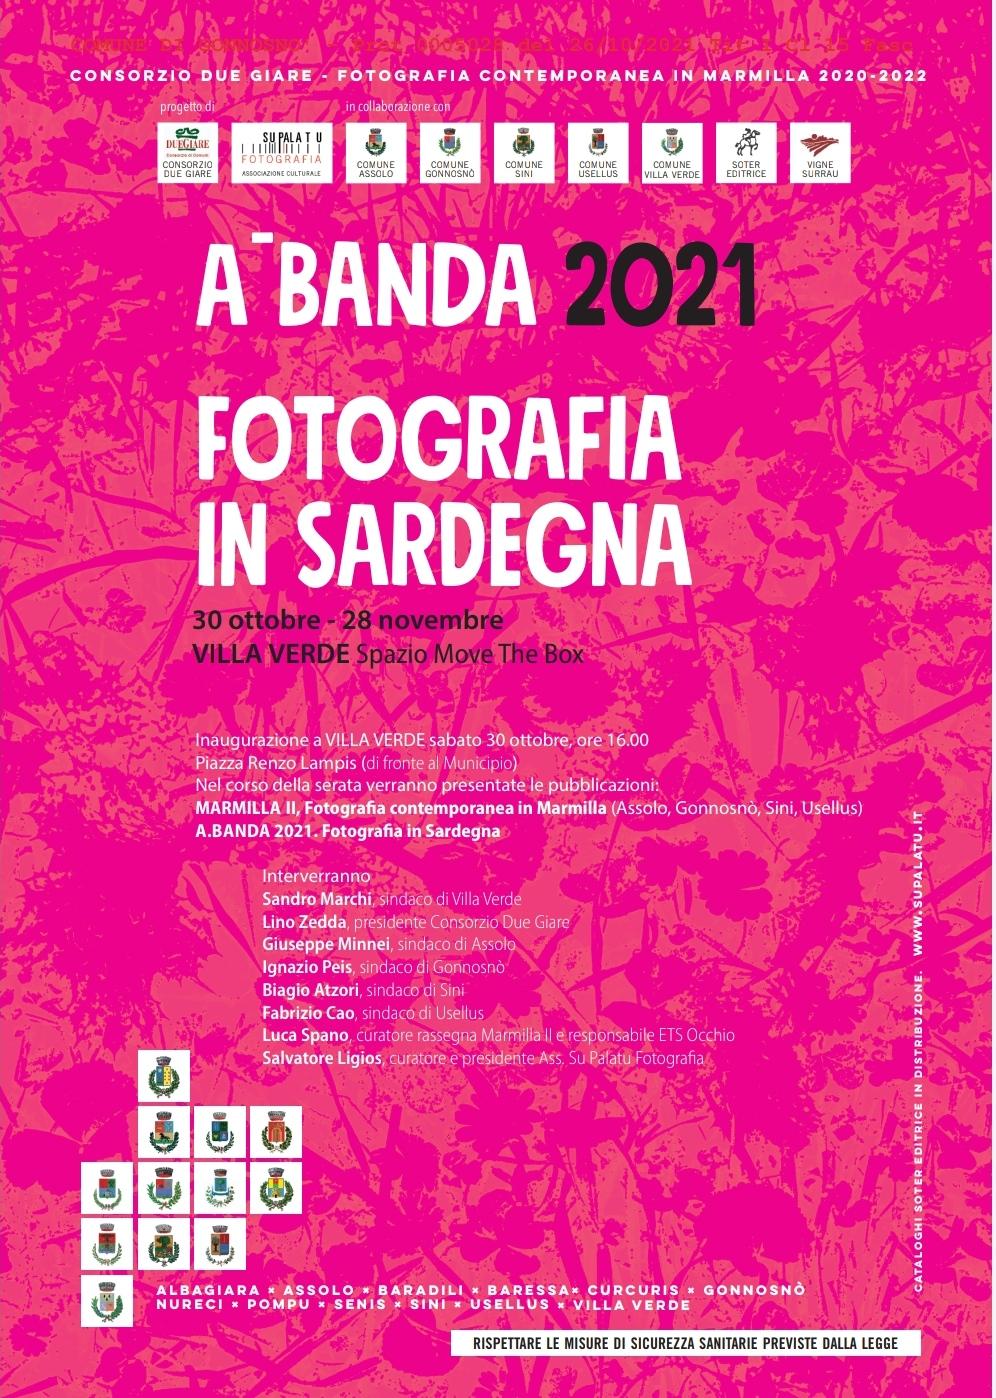 """Progetto fotografico """"A. Banda 2021 – Marmilla contemporanea, fotografia in Sardegna"""""""